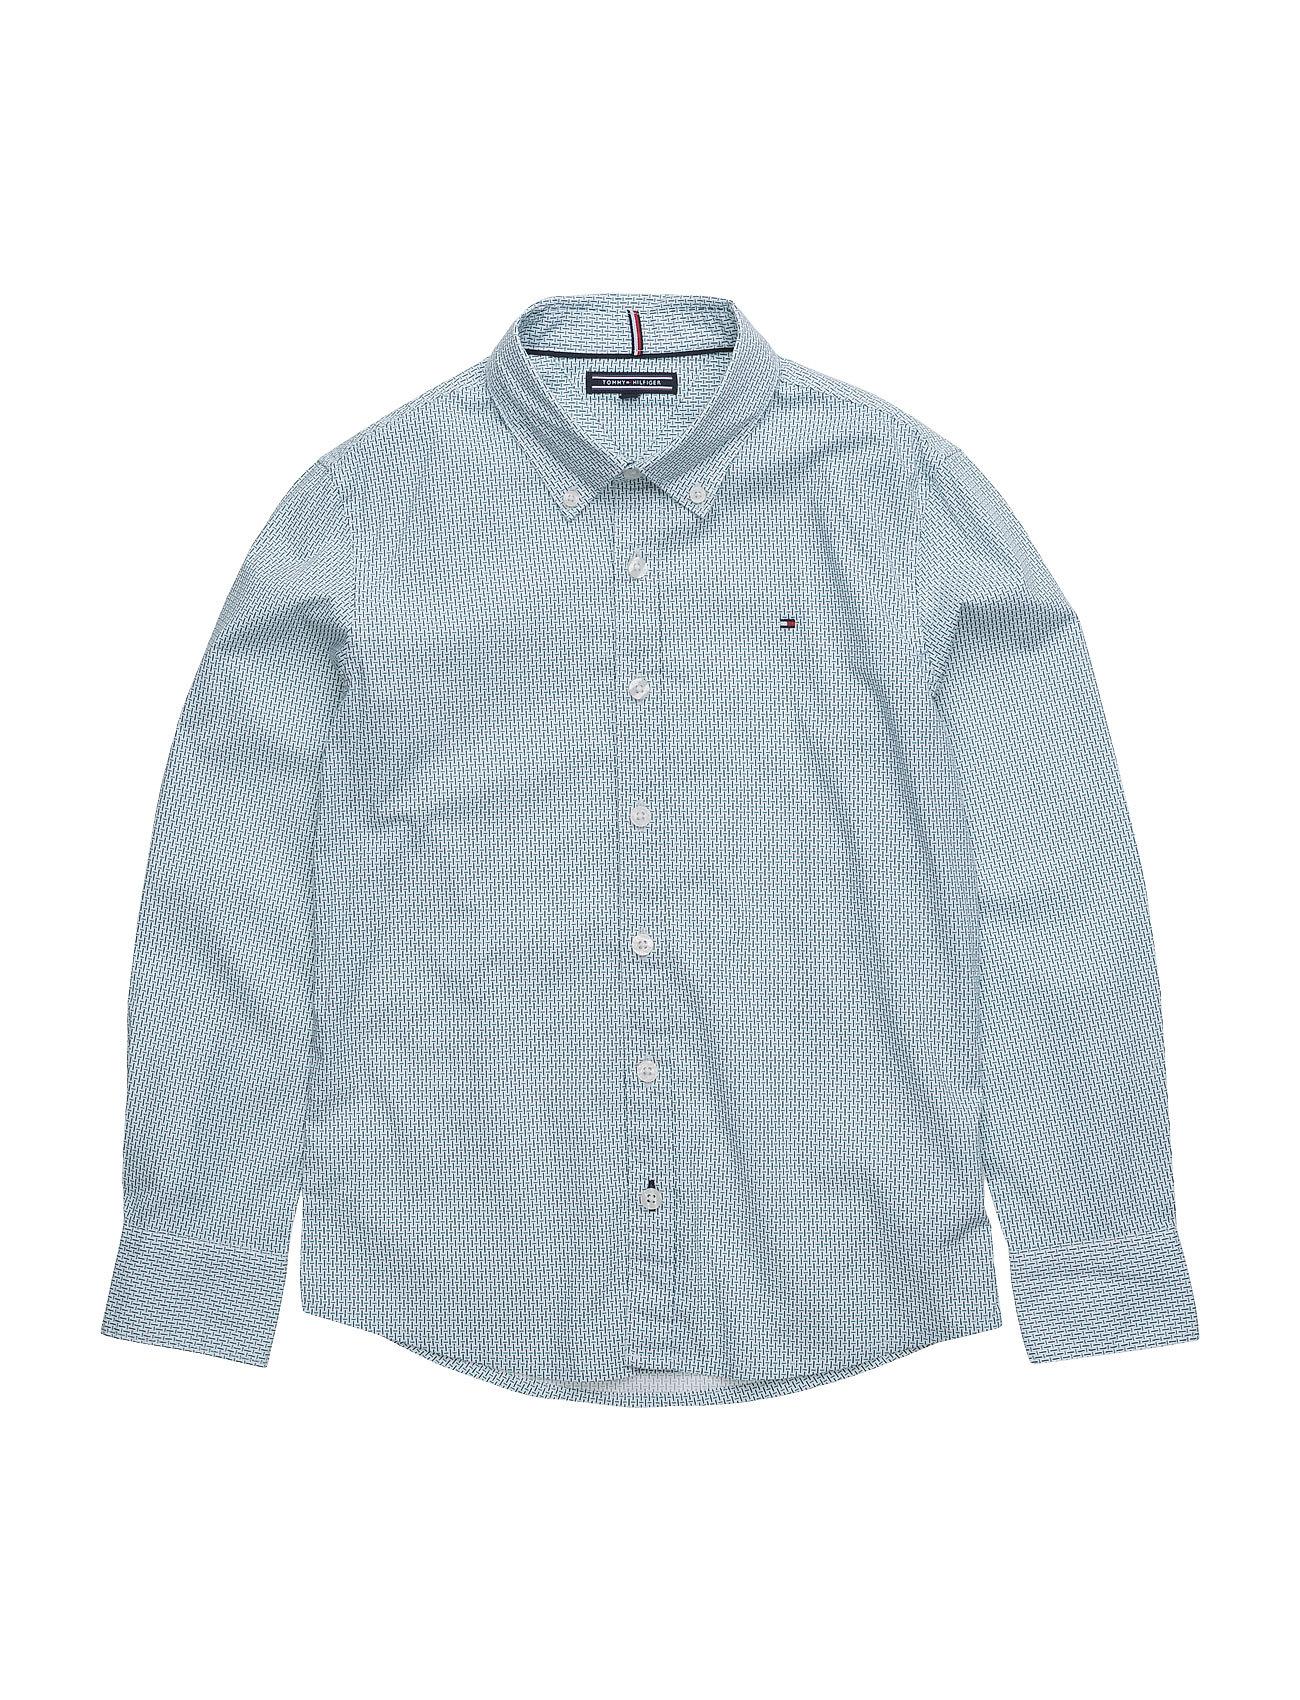 Naz Print Shirt L/S Tommy Hilfiger Trøjer til Drenge i hvid